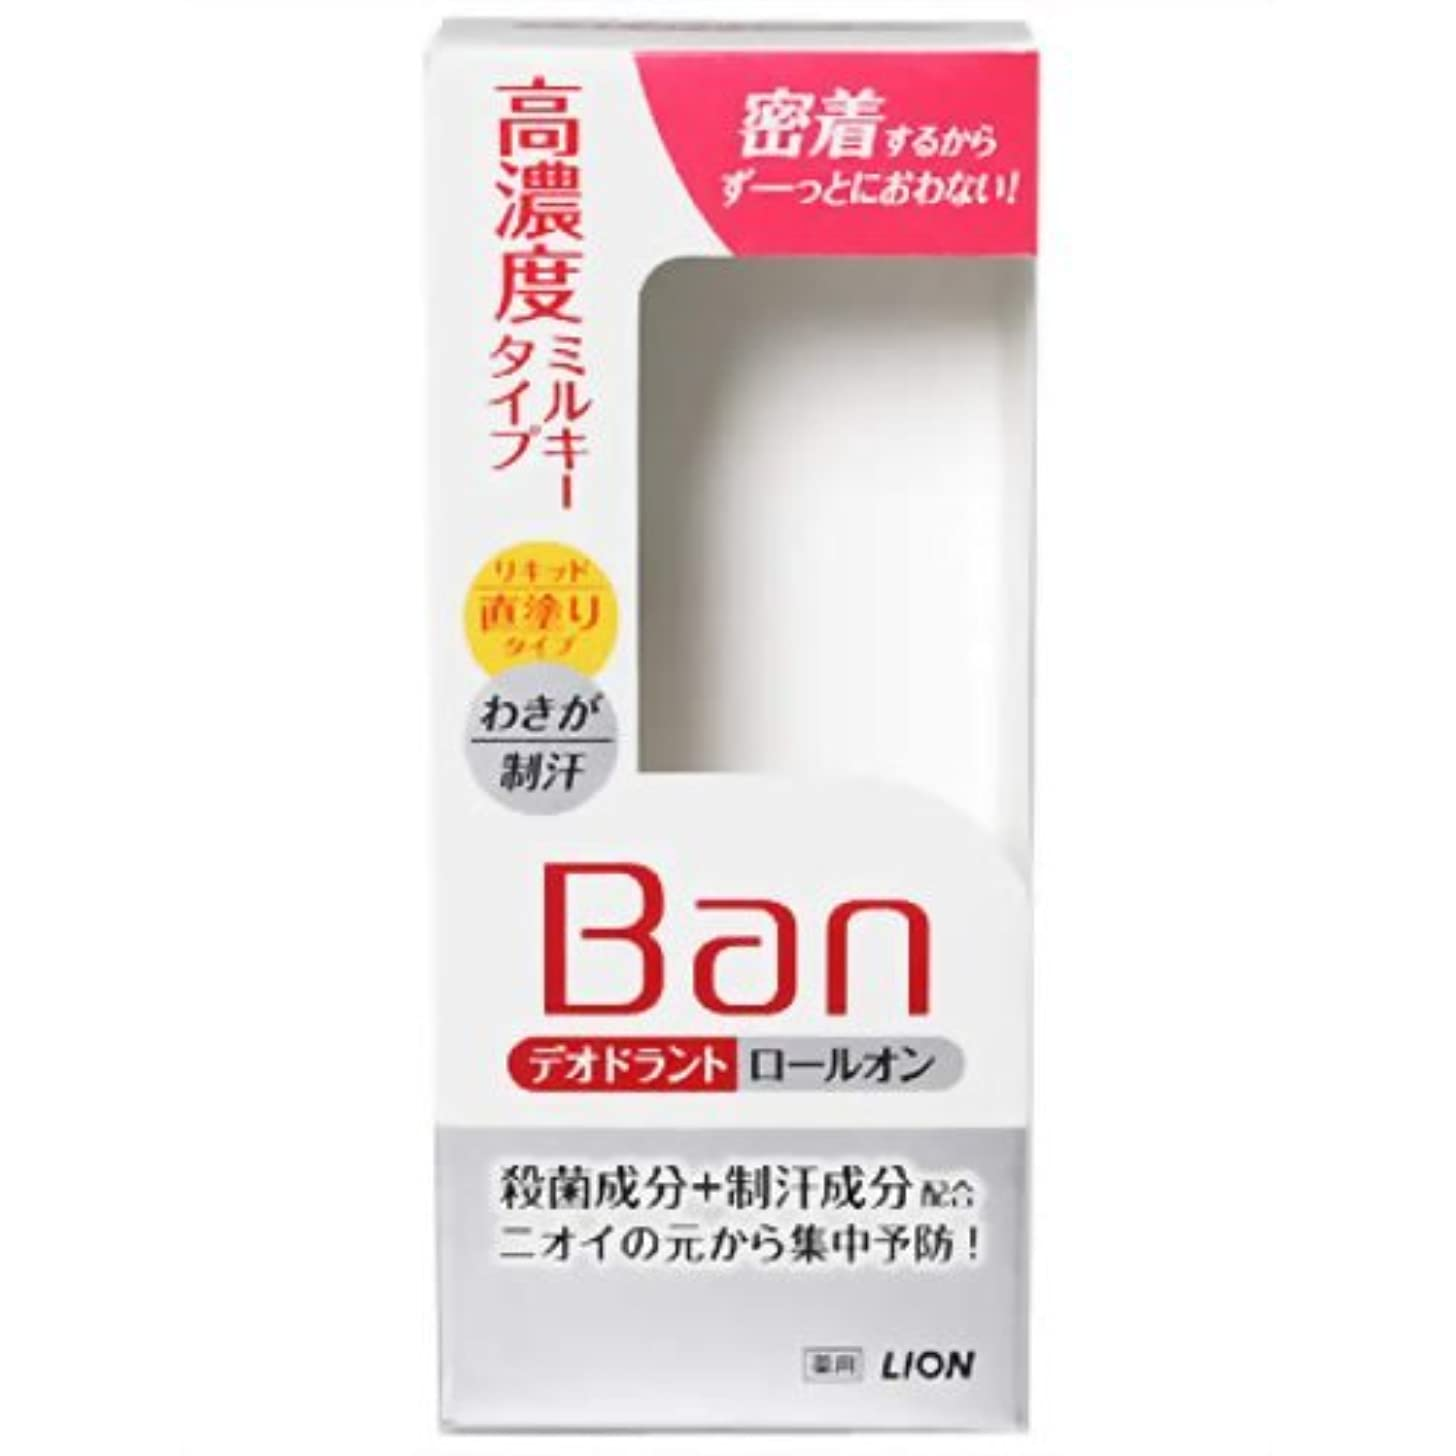 反映する提唱する仮説Ban(バン) デオドラントロールオン 高濃度ミルキータイプ 30ml